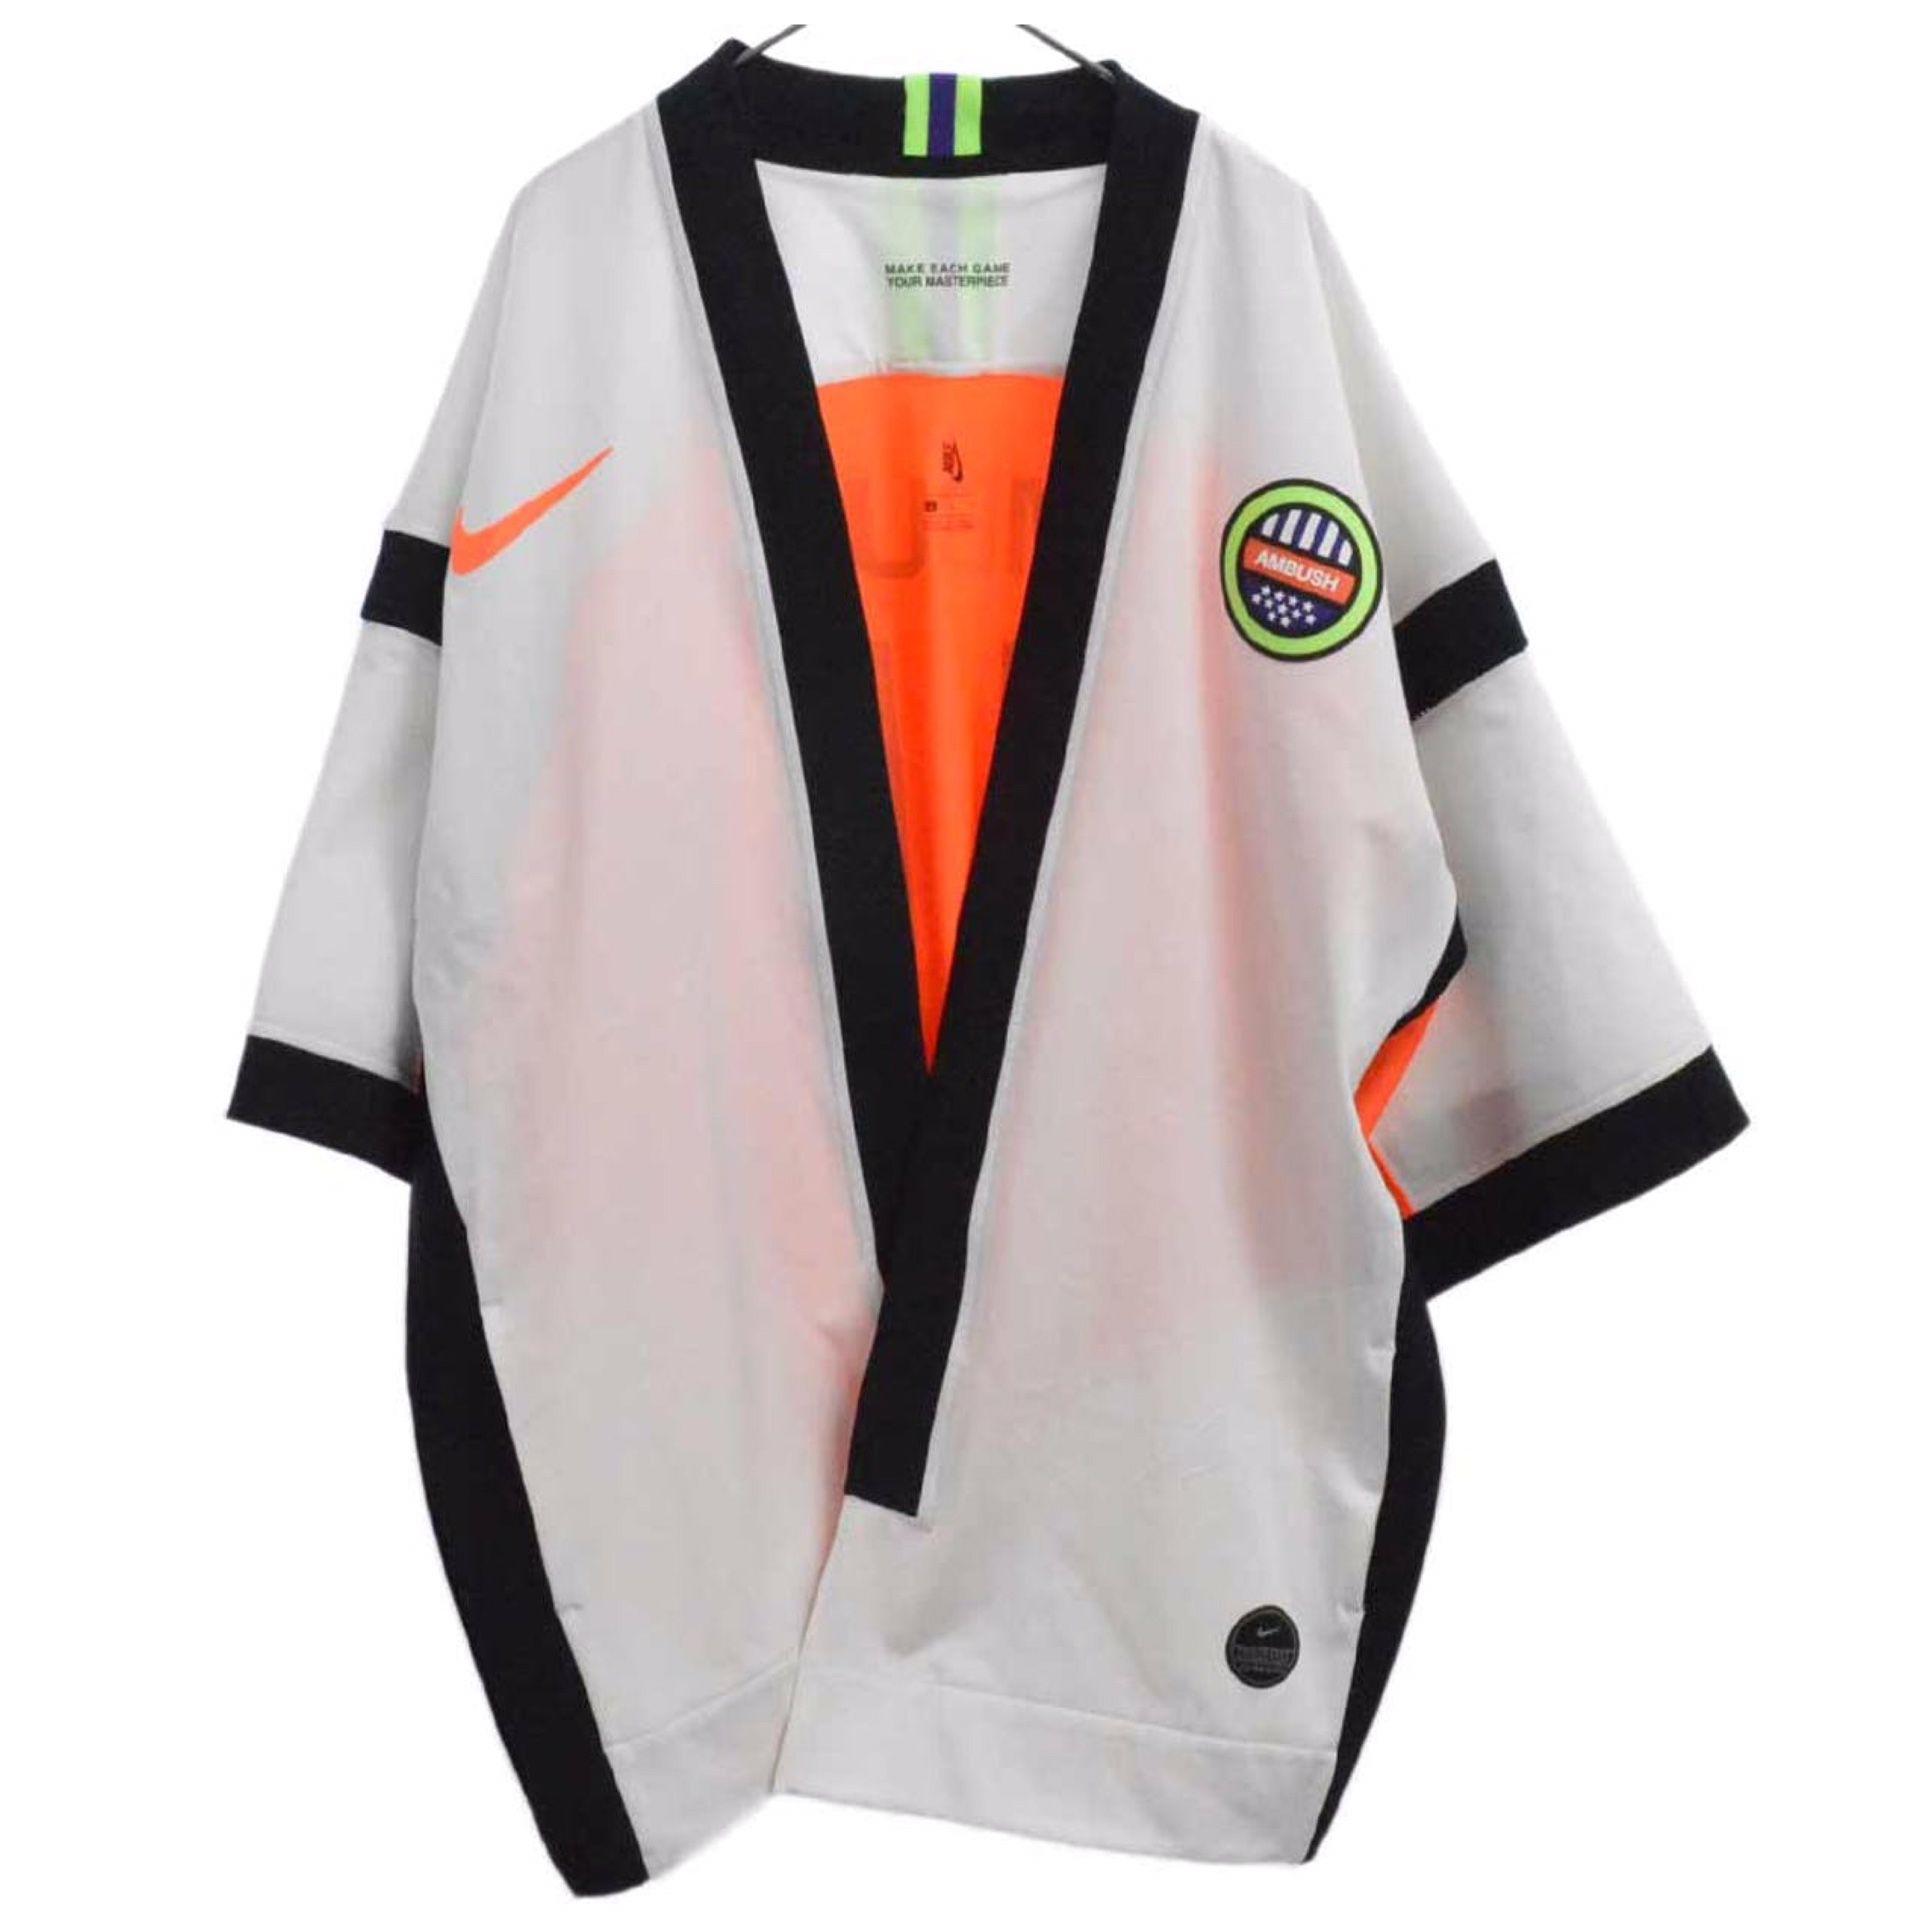 Nike x Ambush Top Numbering Jacket White/ Orange